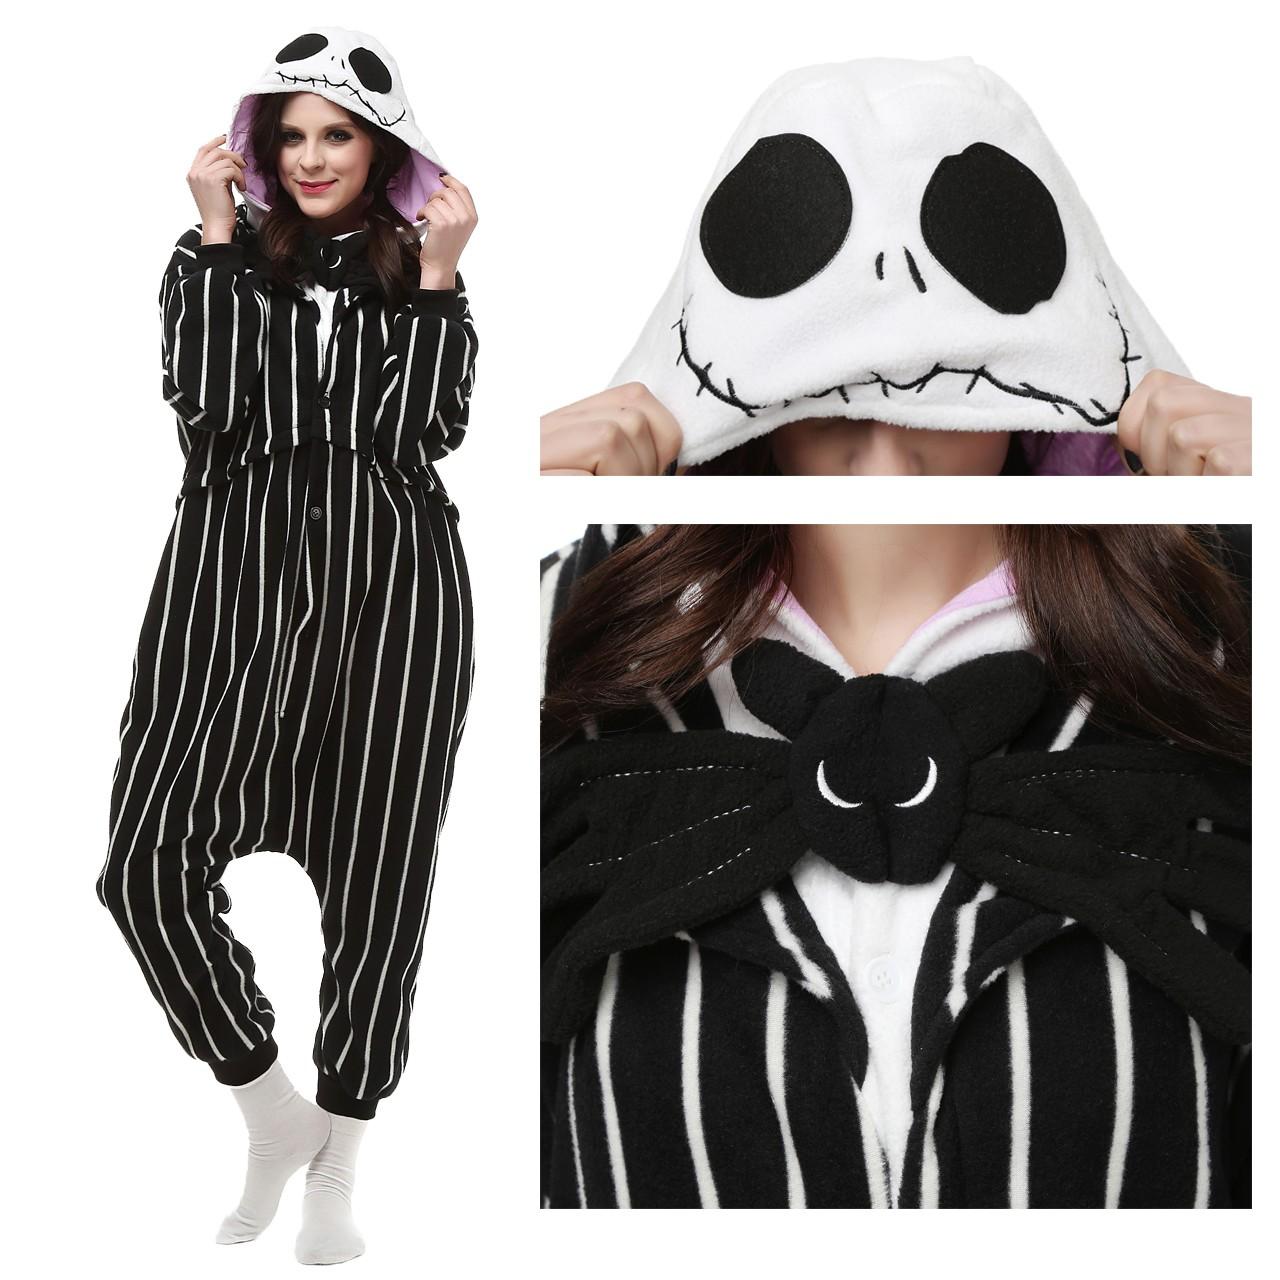 750c779f5f Jack Skellington Onesie Kigurumi Pajama for Adult Halloween Carnival  Costumes